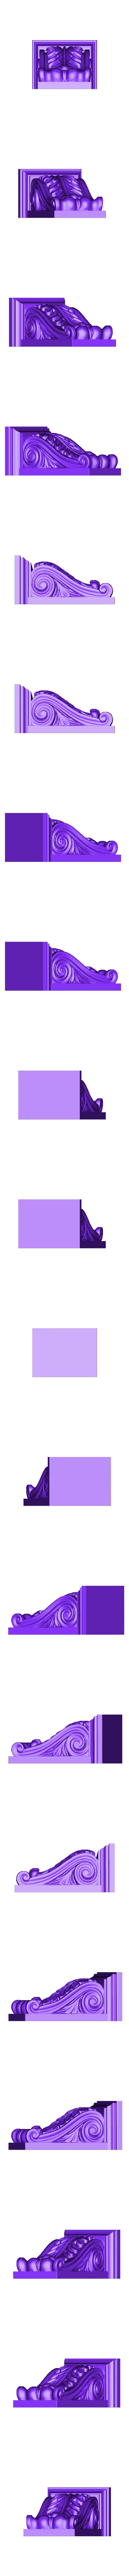 Architectural_8.obj Télécharger fichier OBJ gratuit Modèle 3D du corbeau architectural décoratif 8 • Plan pour impression 3D, DavidG7